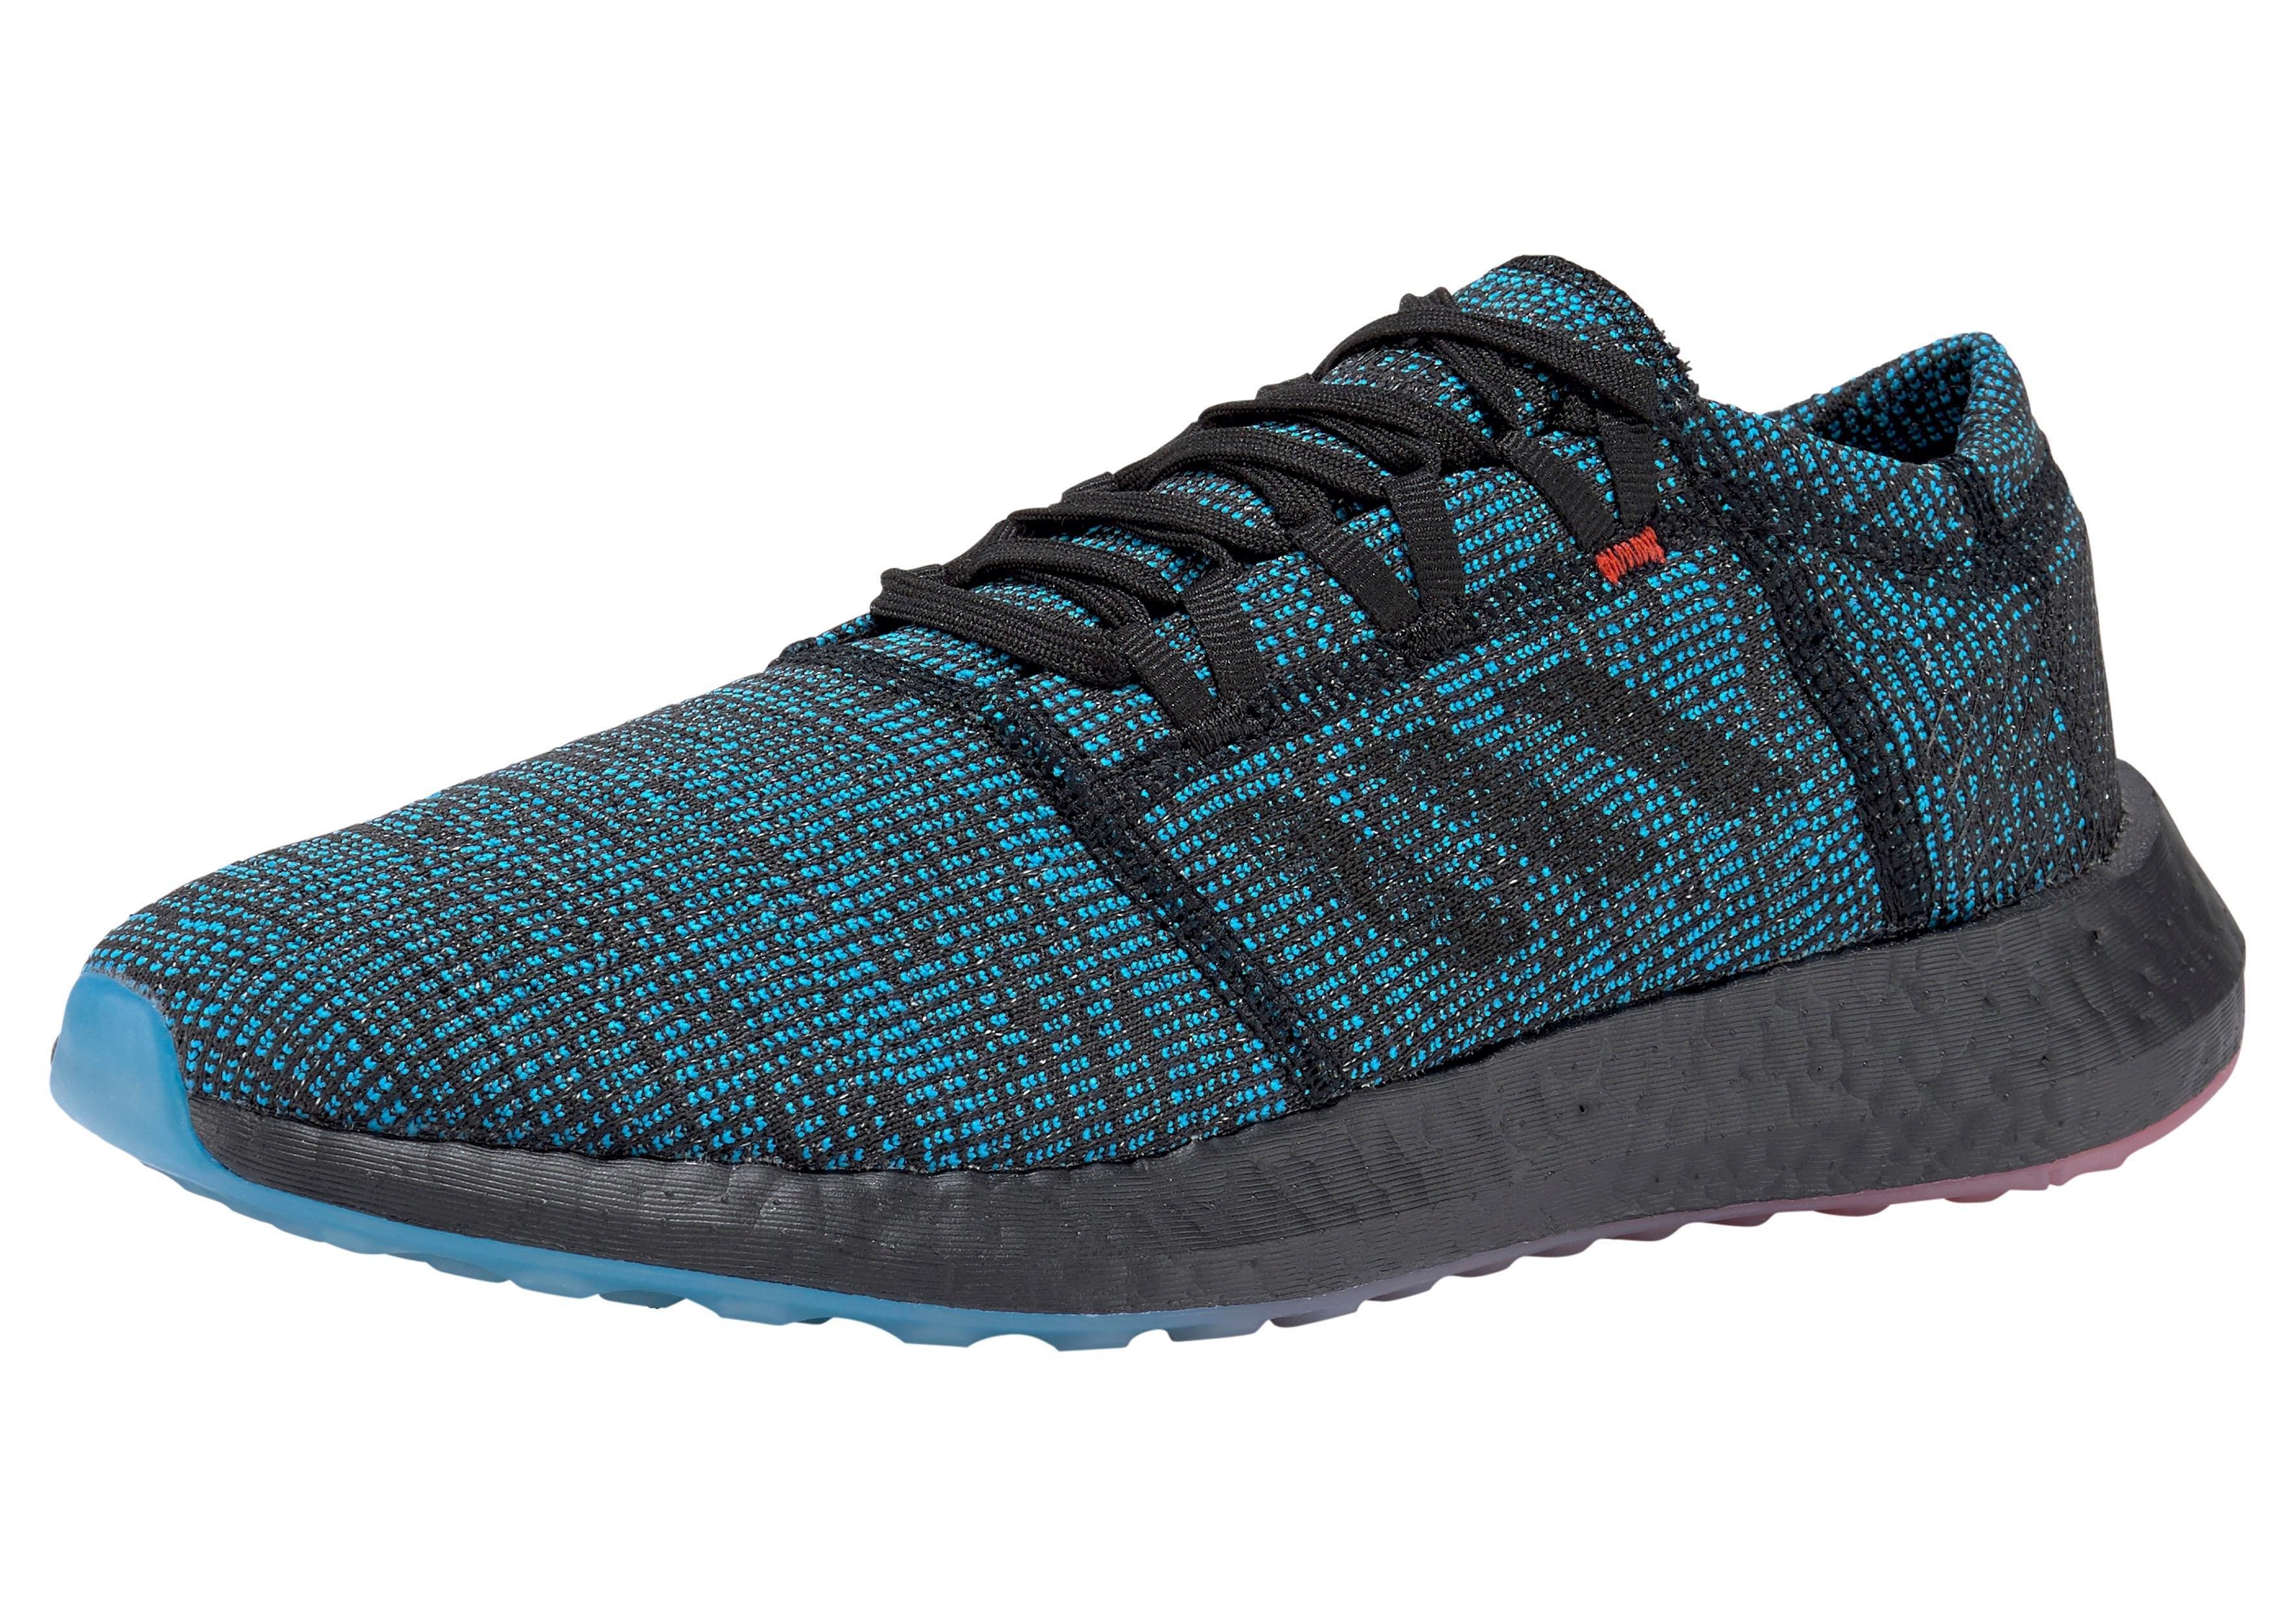 adidas Performance runningschoenen »Pureboost Go LTD« bestellen: 14 dagen bedenktijd